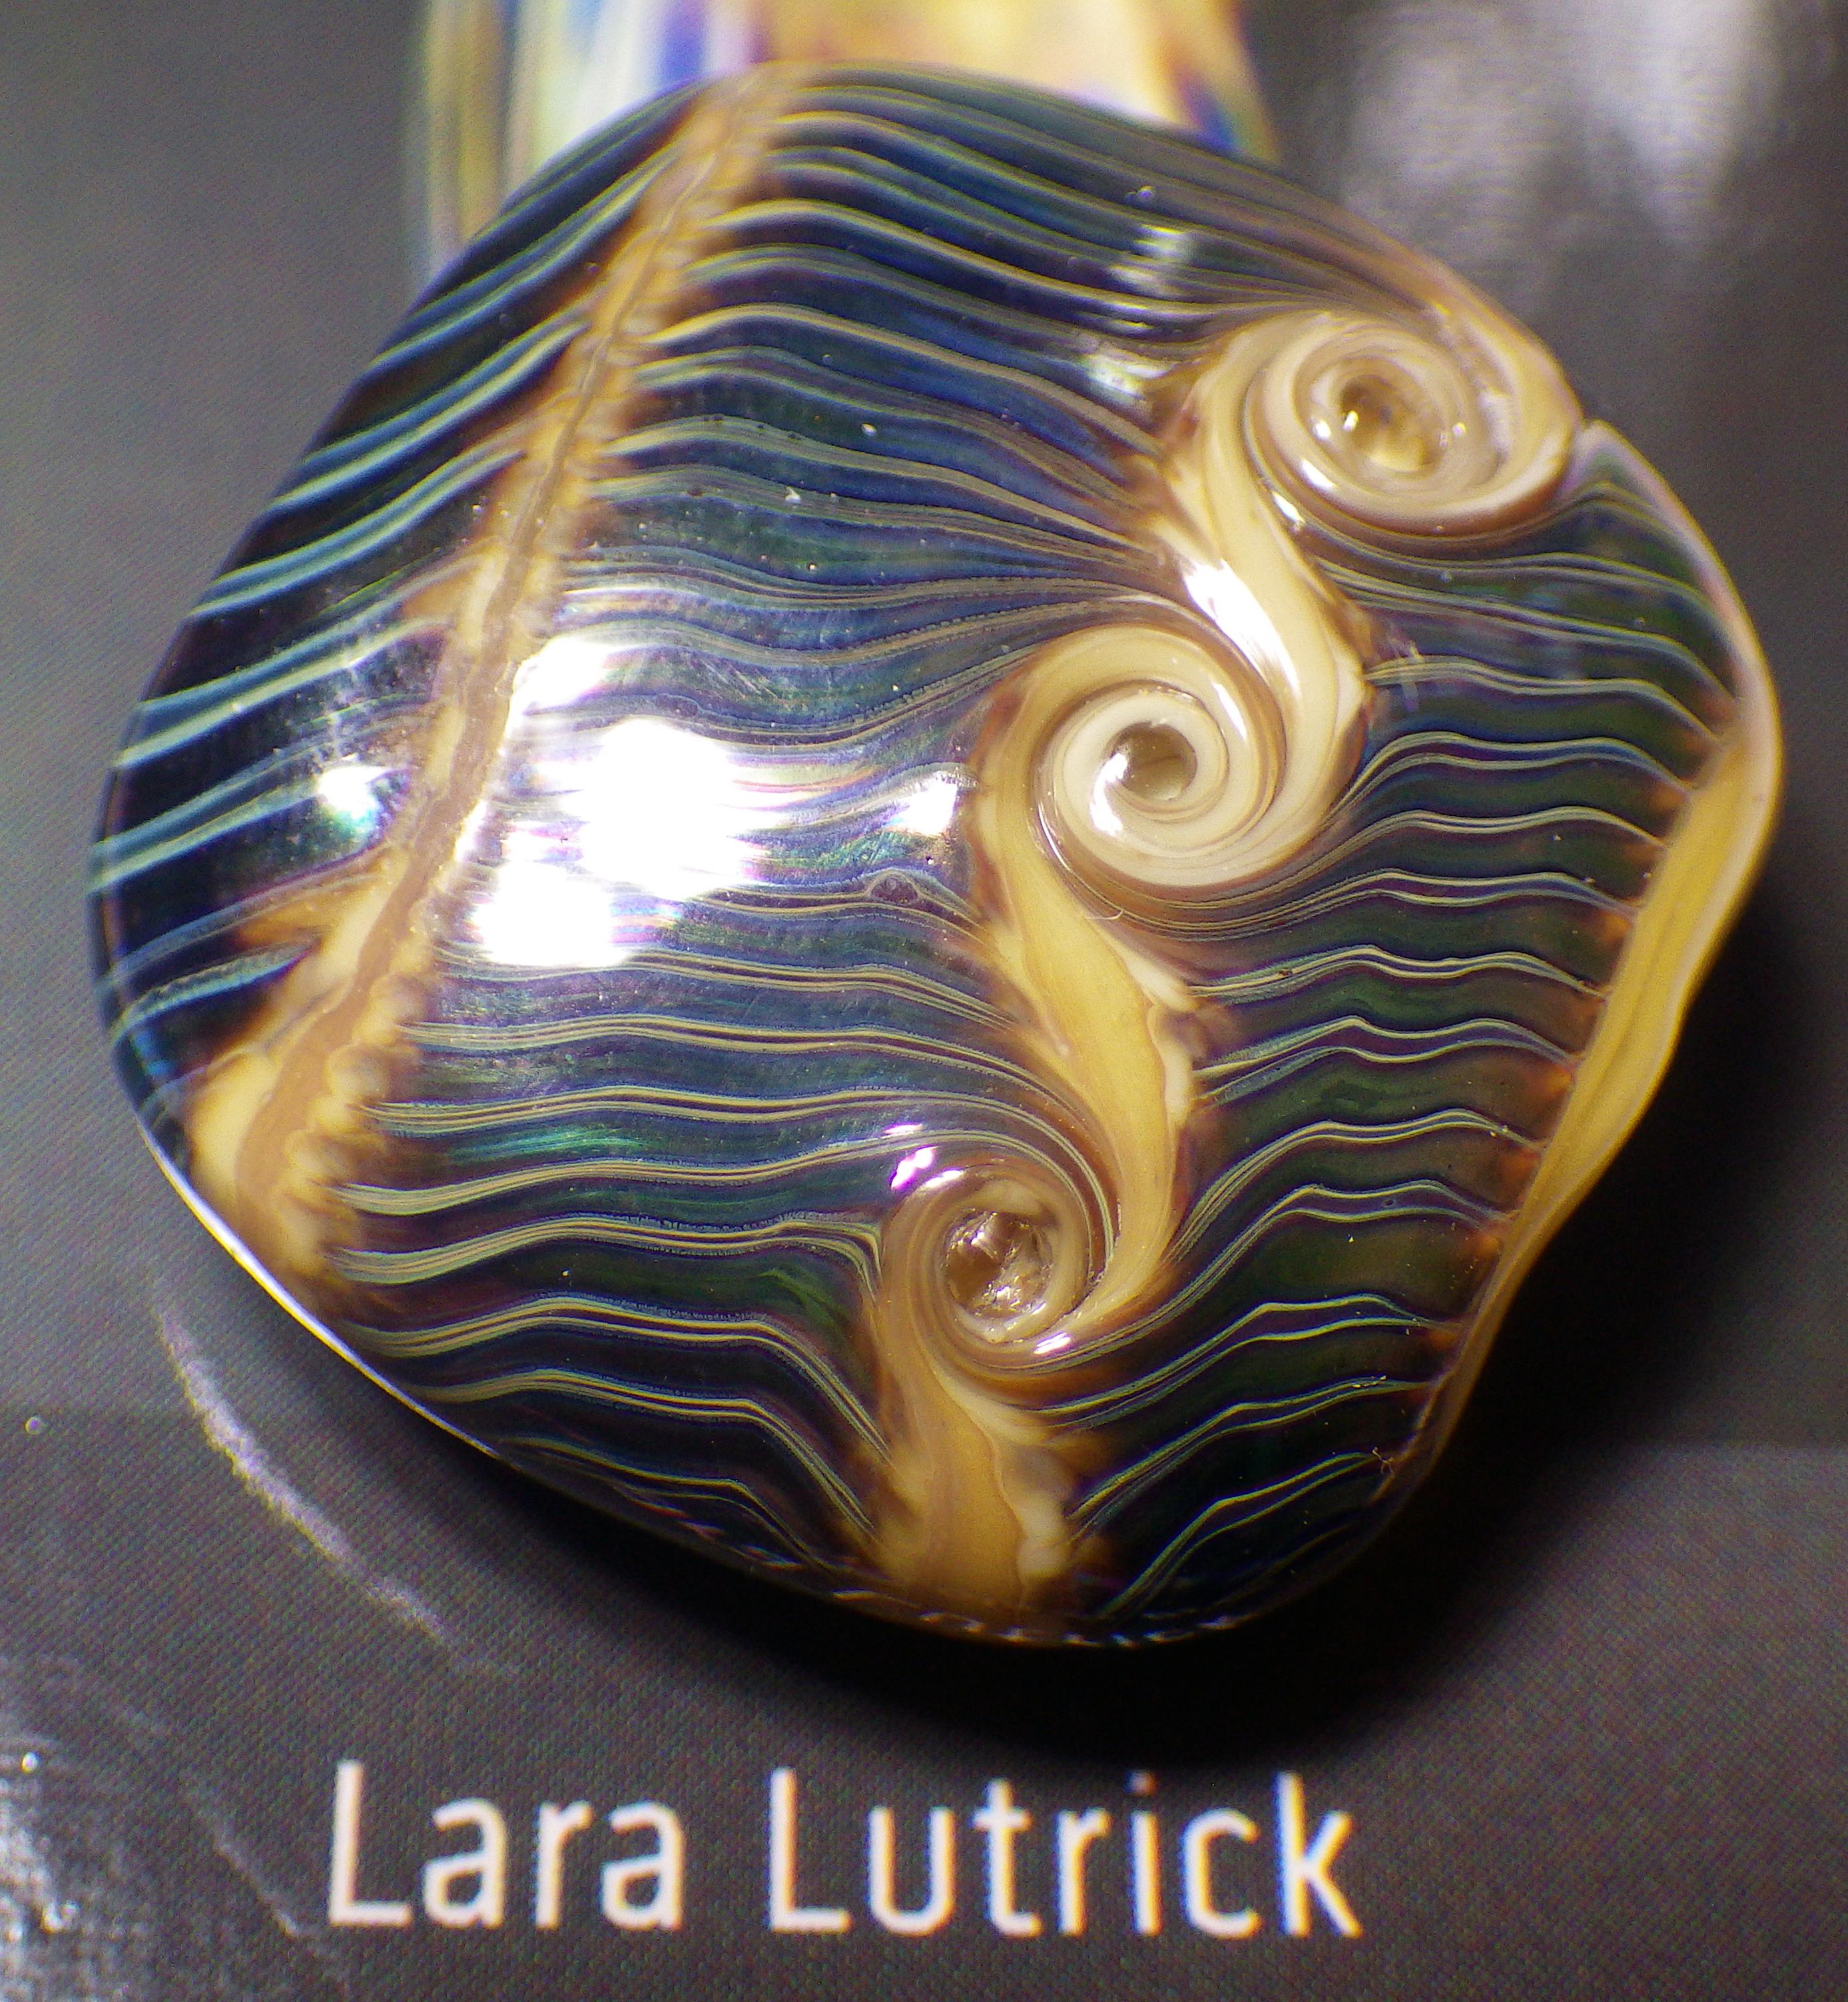 Lutrick, Lara